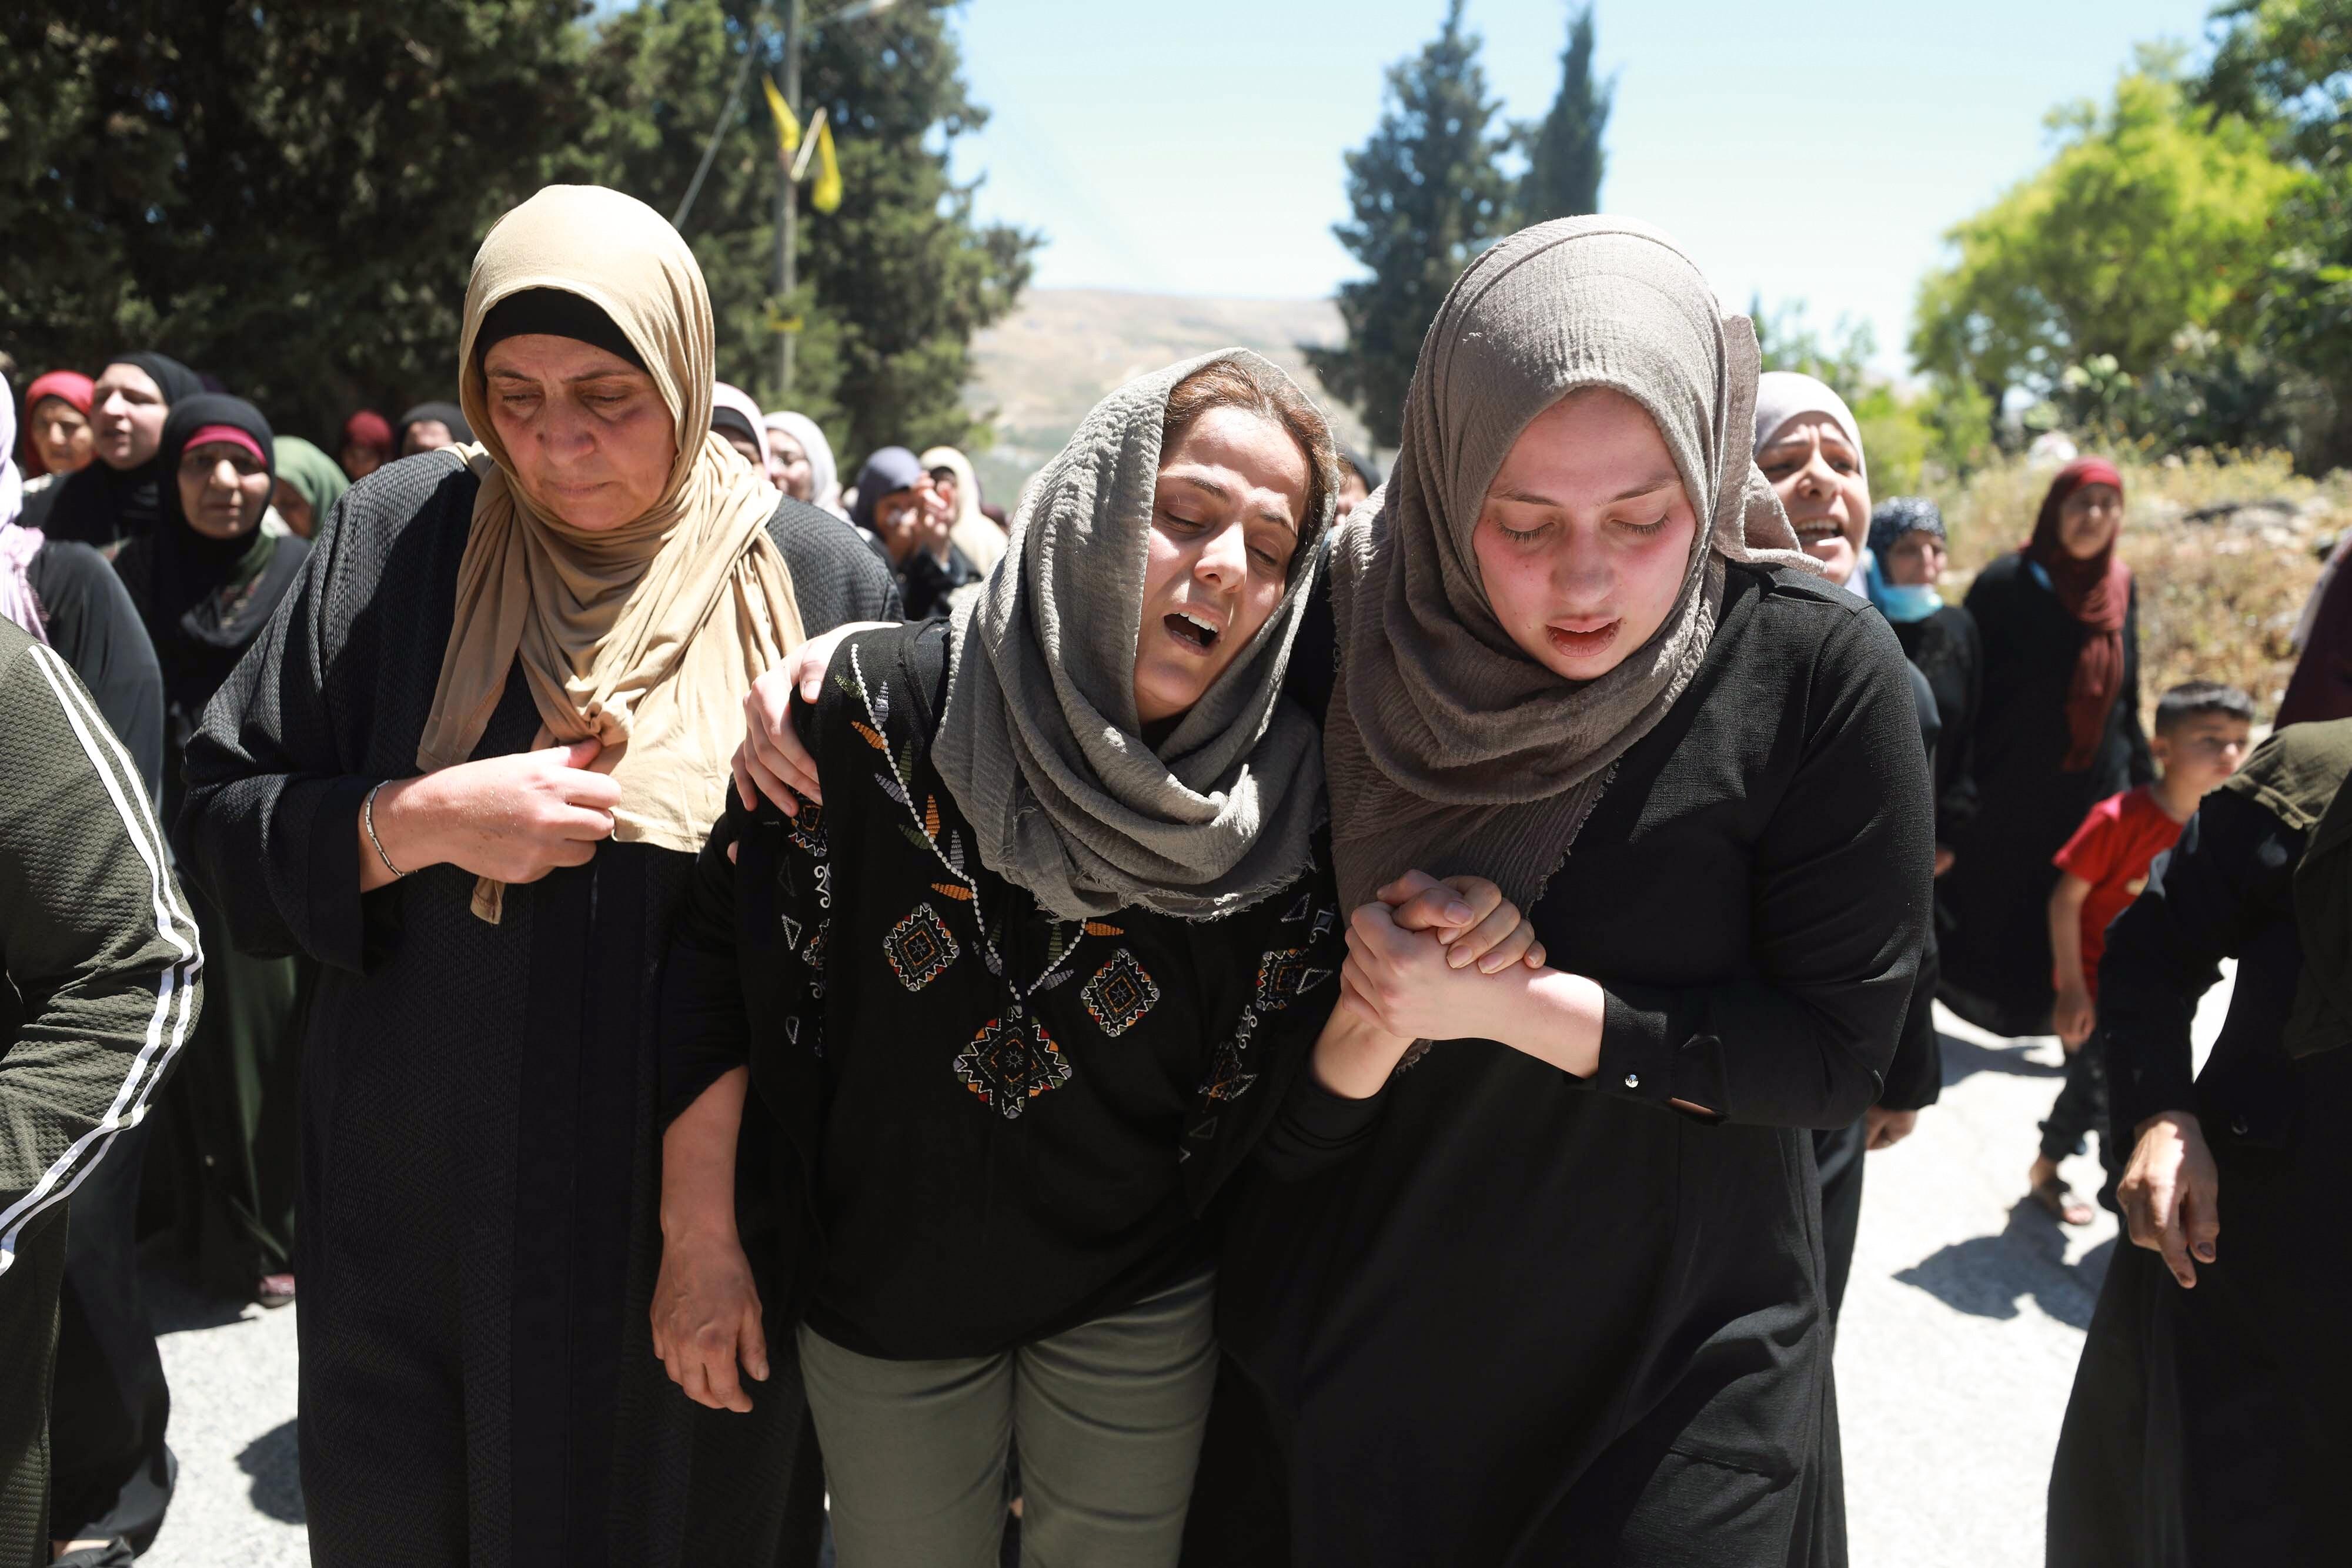 NABLUS, BANCO OESTE - 15 DE MAYO: Personas asisten a un funeral celebrado por el palestino Husam Asayra, de 20 años, muerto en una manifestación en Cisjordania contra los ataques israelíes cuando las fuerzas israelíes se enfrentaron con los manifestantes para dispersar sus manifestaciones, en Nablus, Cisjordania el 15 de mayo de 2021 (Foto de Issam Rimawi / Agencia Anadolu a través de Getty Images)